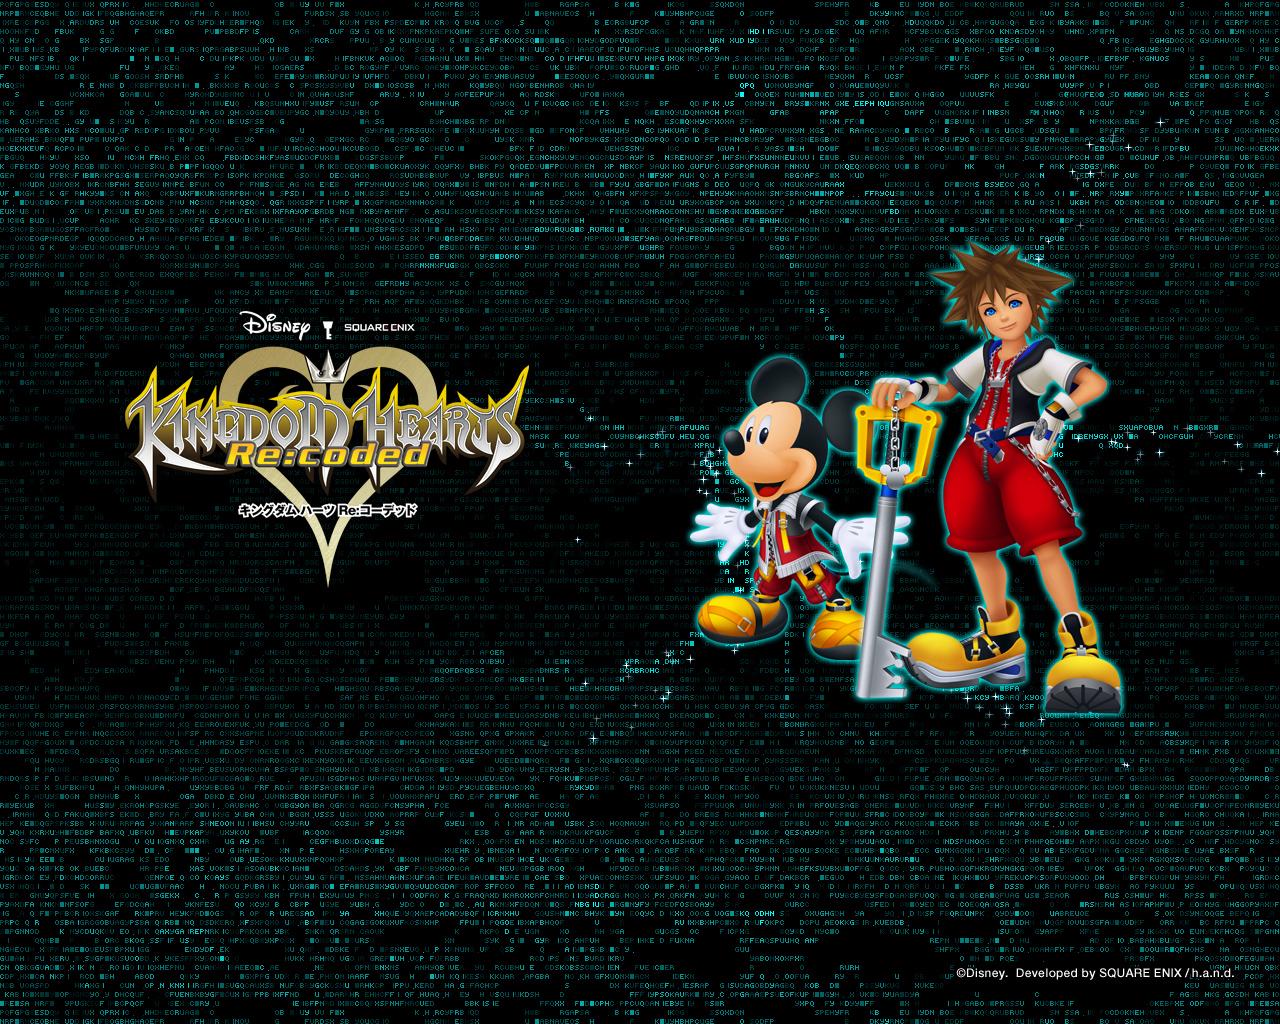 Kingdom Hearts Wallpaper 272132 Zerochan Anime Image Board